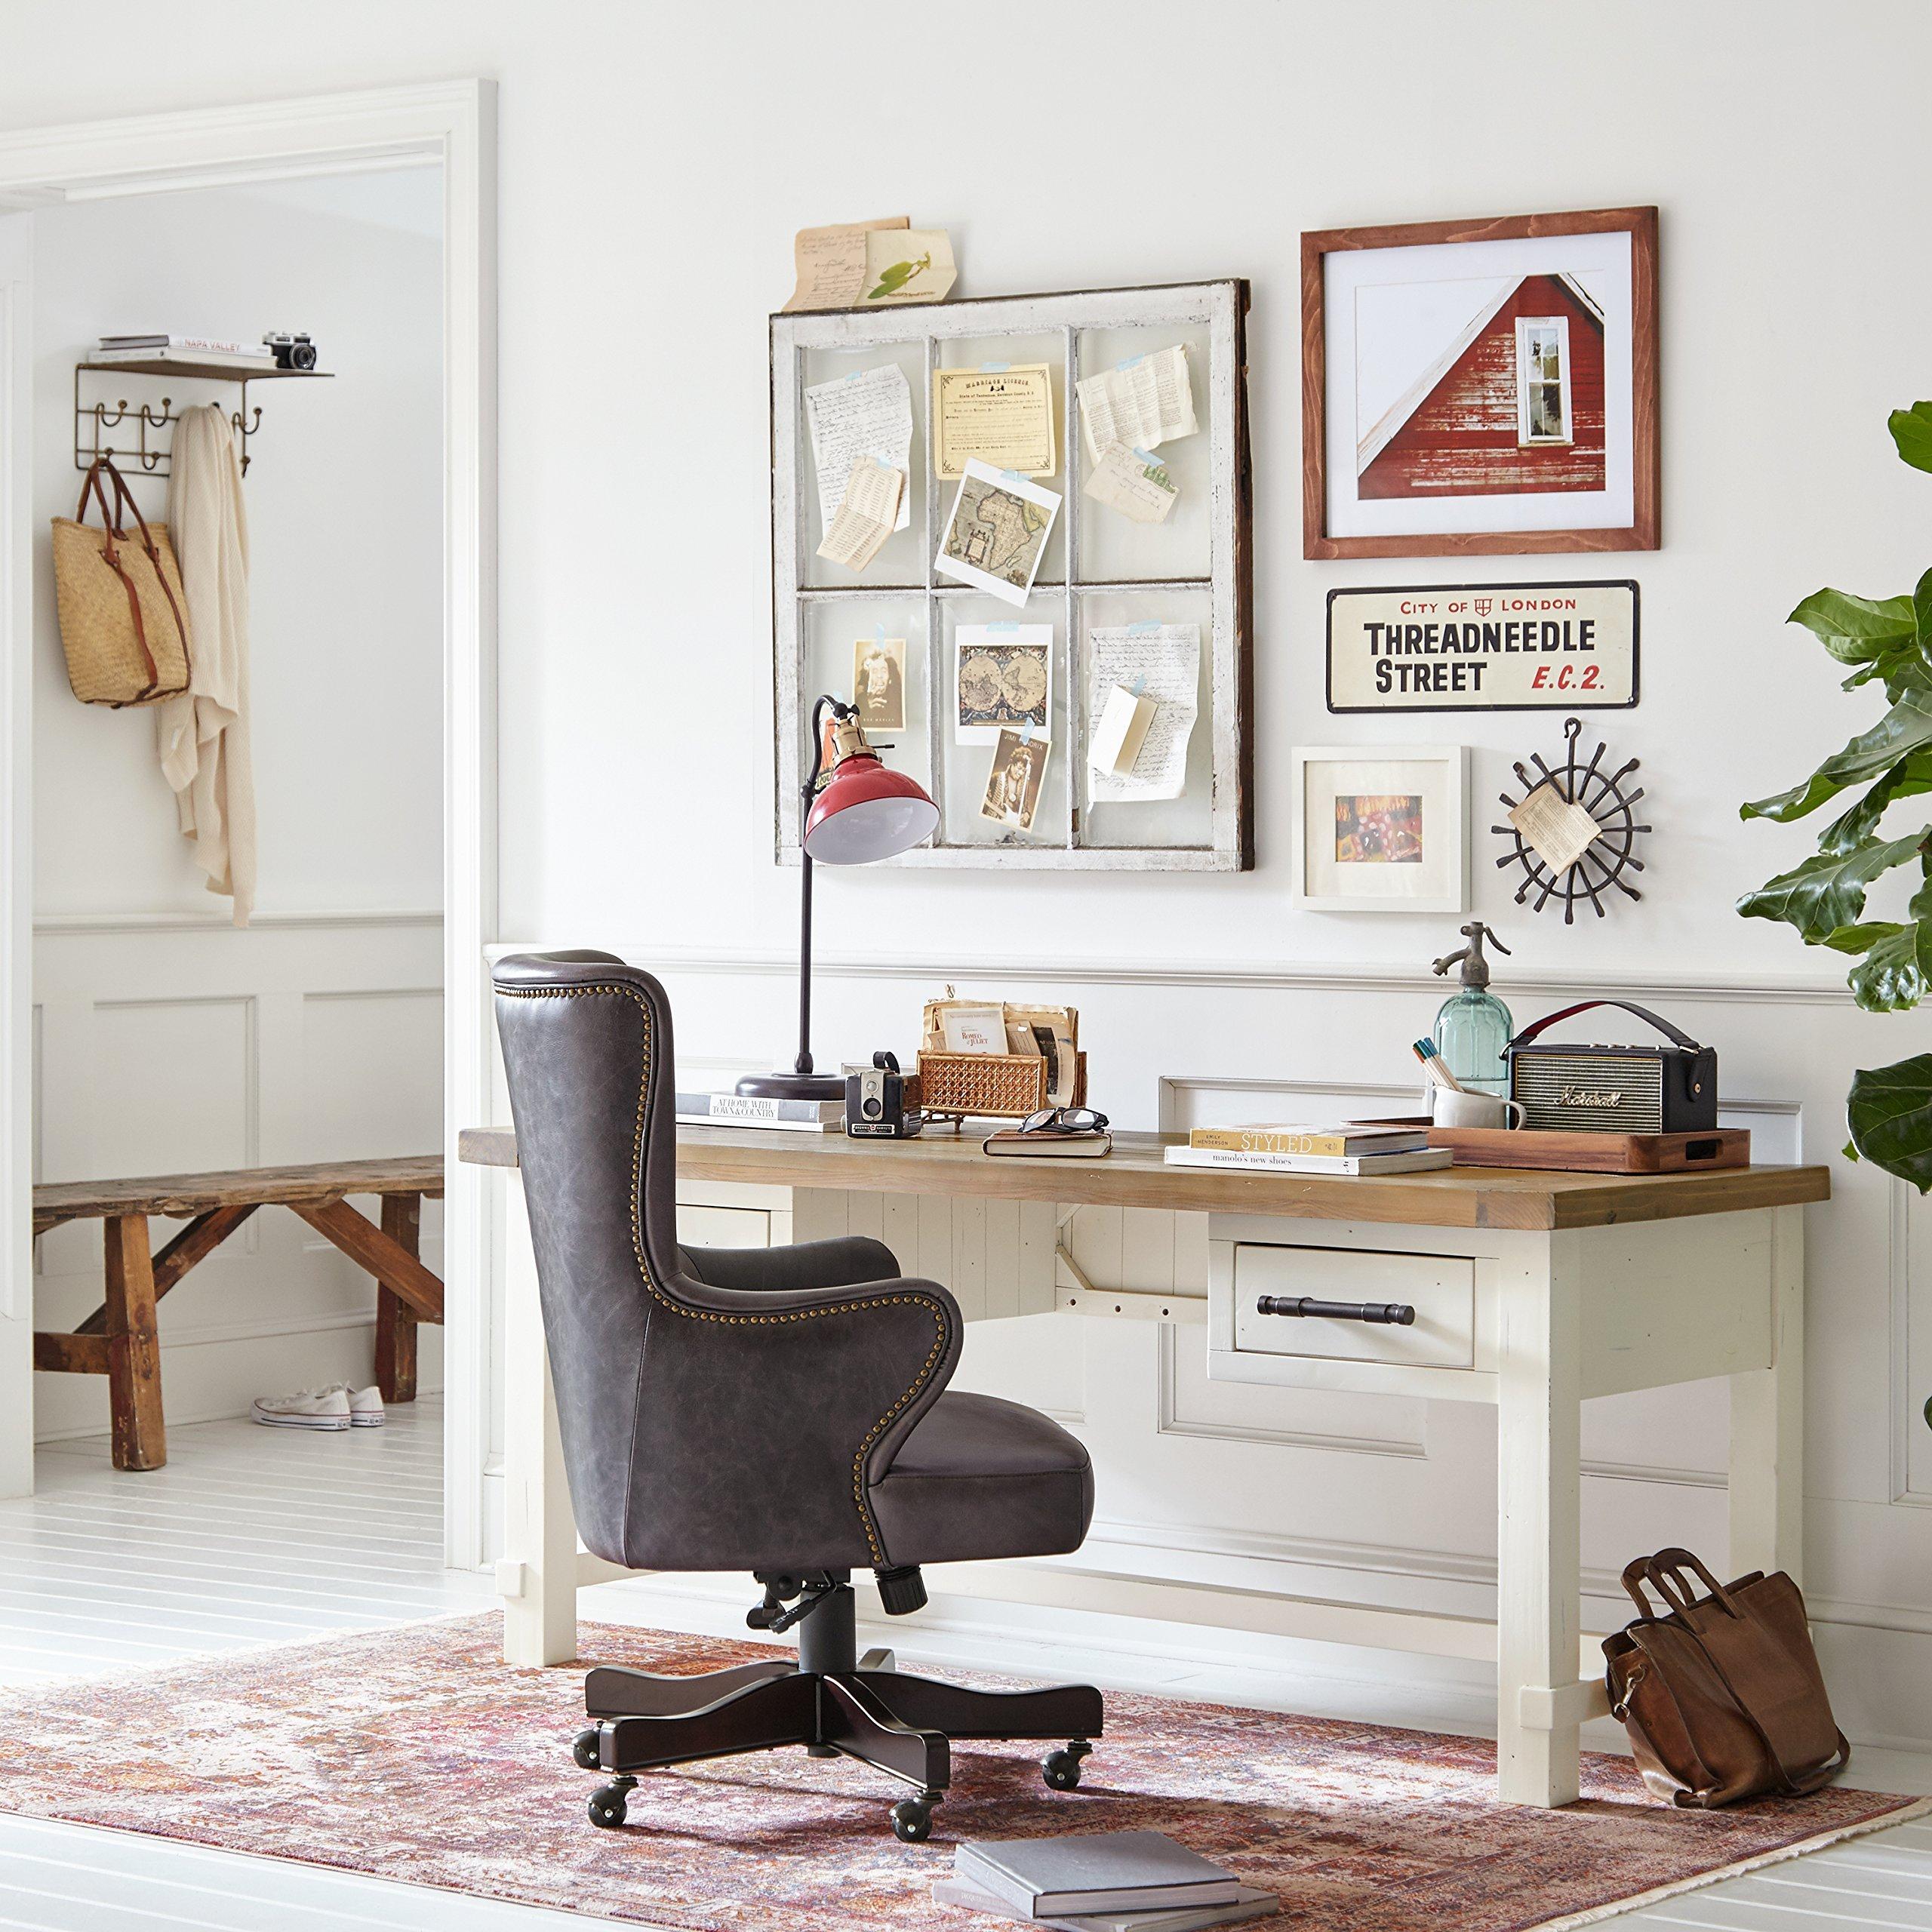 Gợi ý bạn những mẫu bàn làm việc tại nhà giúp bạn nâng cao hiệu suất làm việc như tại công ty - Ảnh 6.